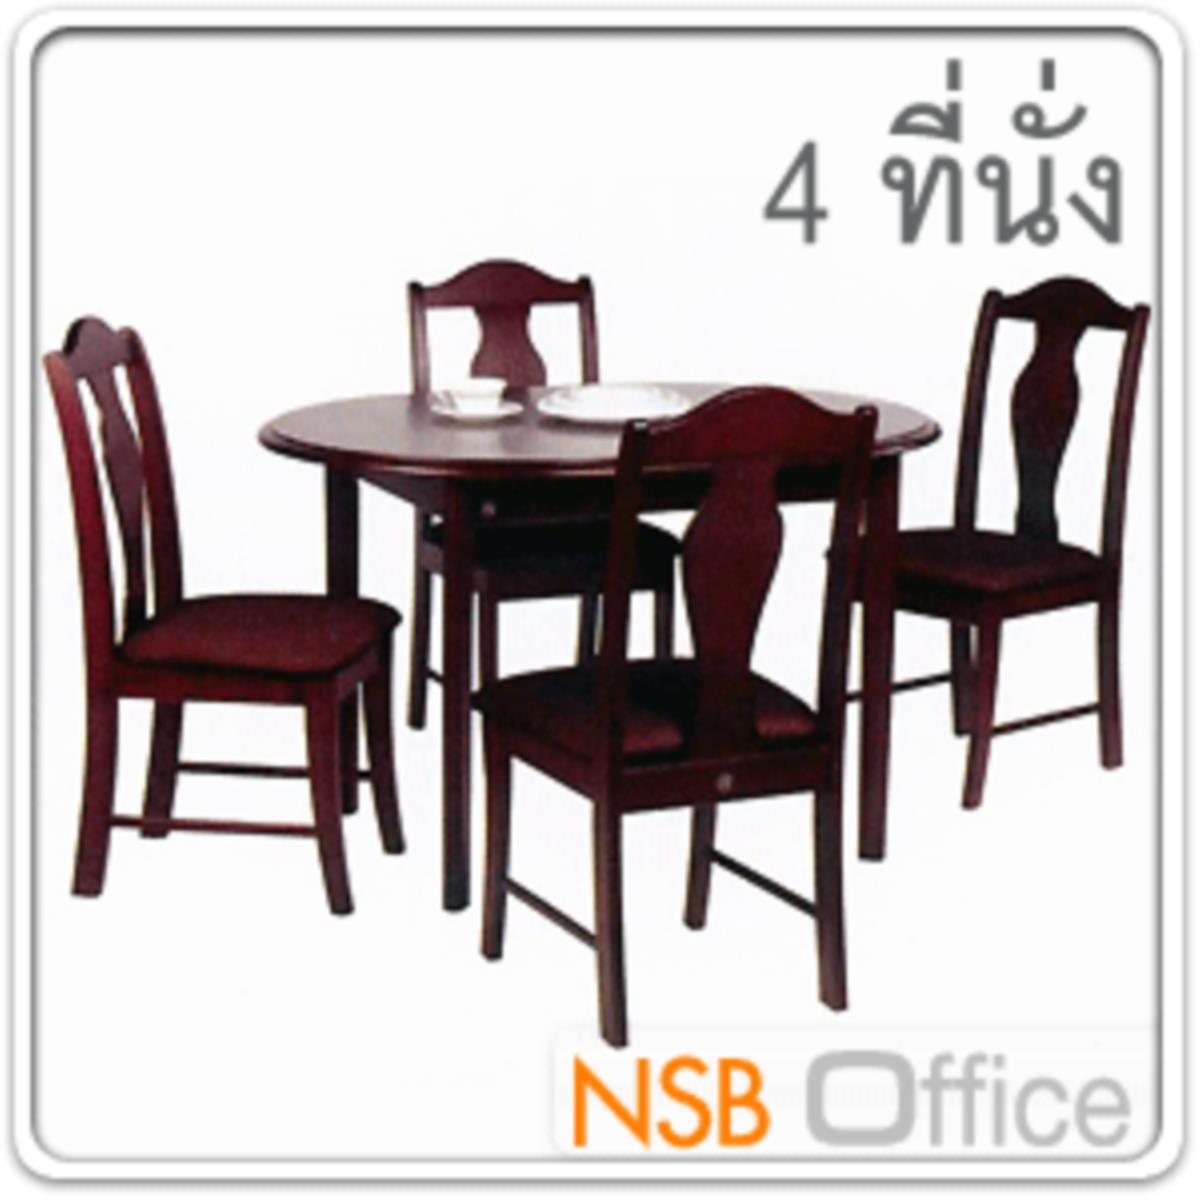 ชุดโต๊ะรับประทานอาหารหน้าโฟเมก้าลายไม้ 4 ที่นั่ง  รุ่น SUNNY-5 ขนาด 125W cm. พร้อมเก้าอี้